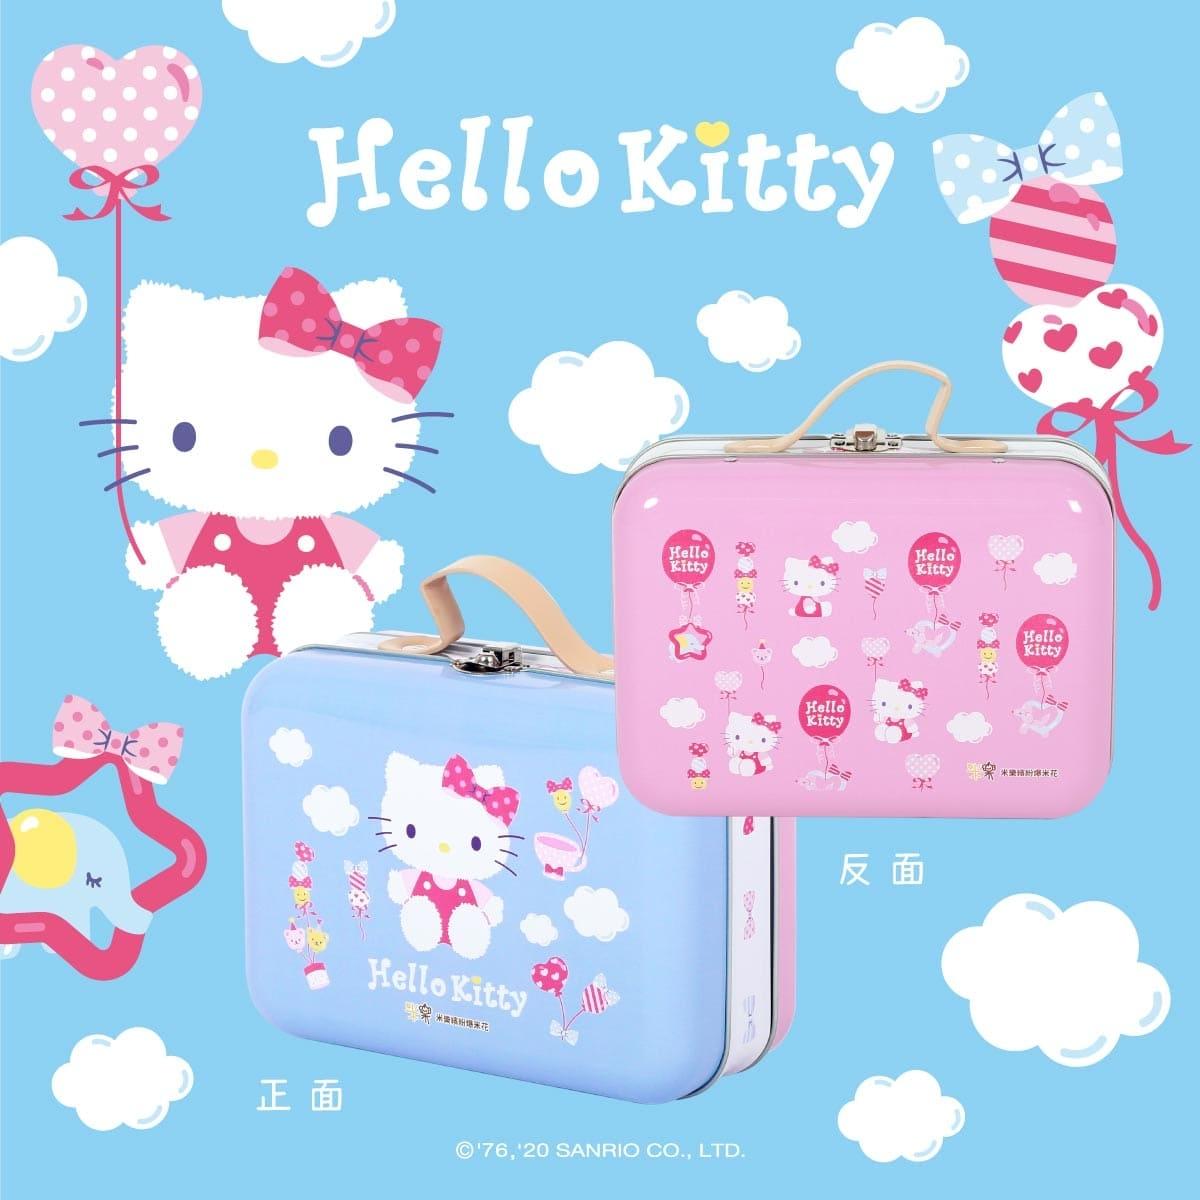 角落生物、Hello Kitty、佩佩豬聯名款太萌!「米樂繽紛爆米花」中秋限定手提鐵盒、曲奇餅鐵罐,卡通迷必收藏